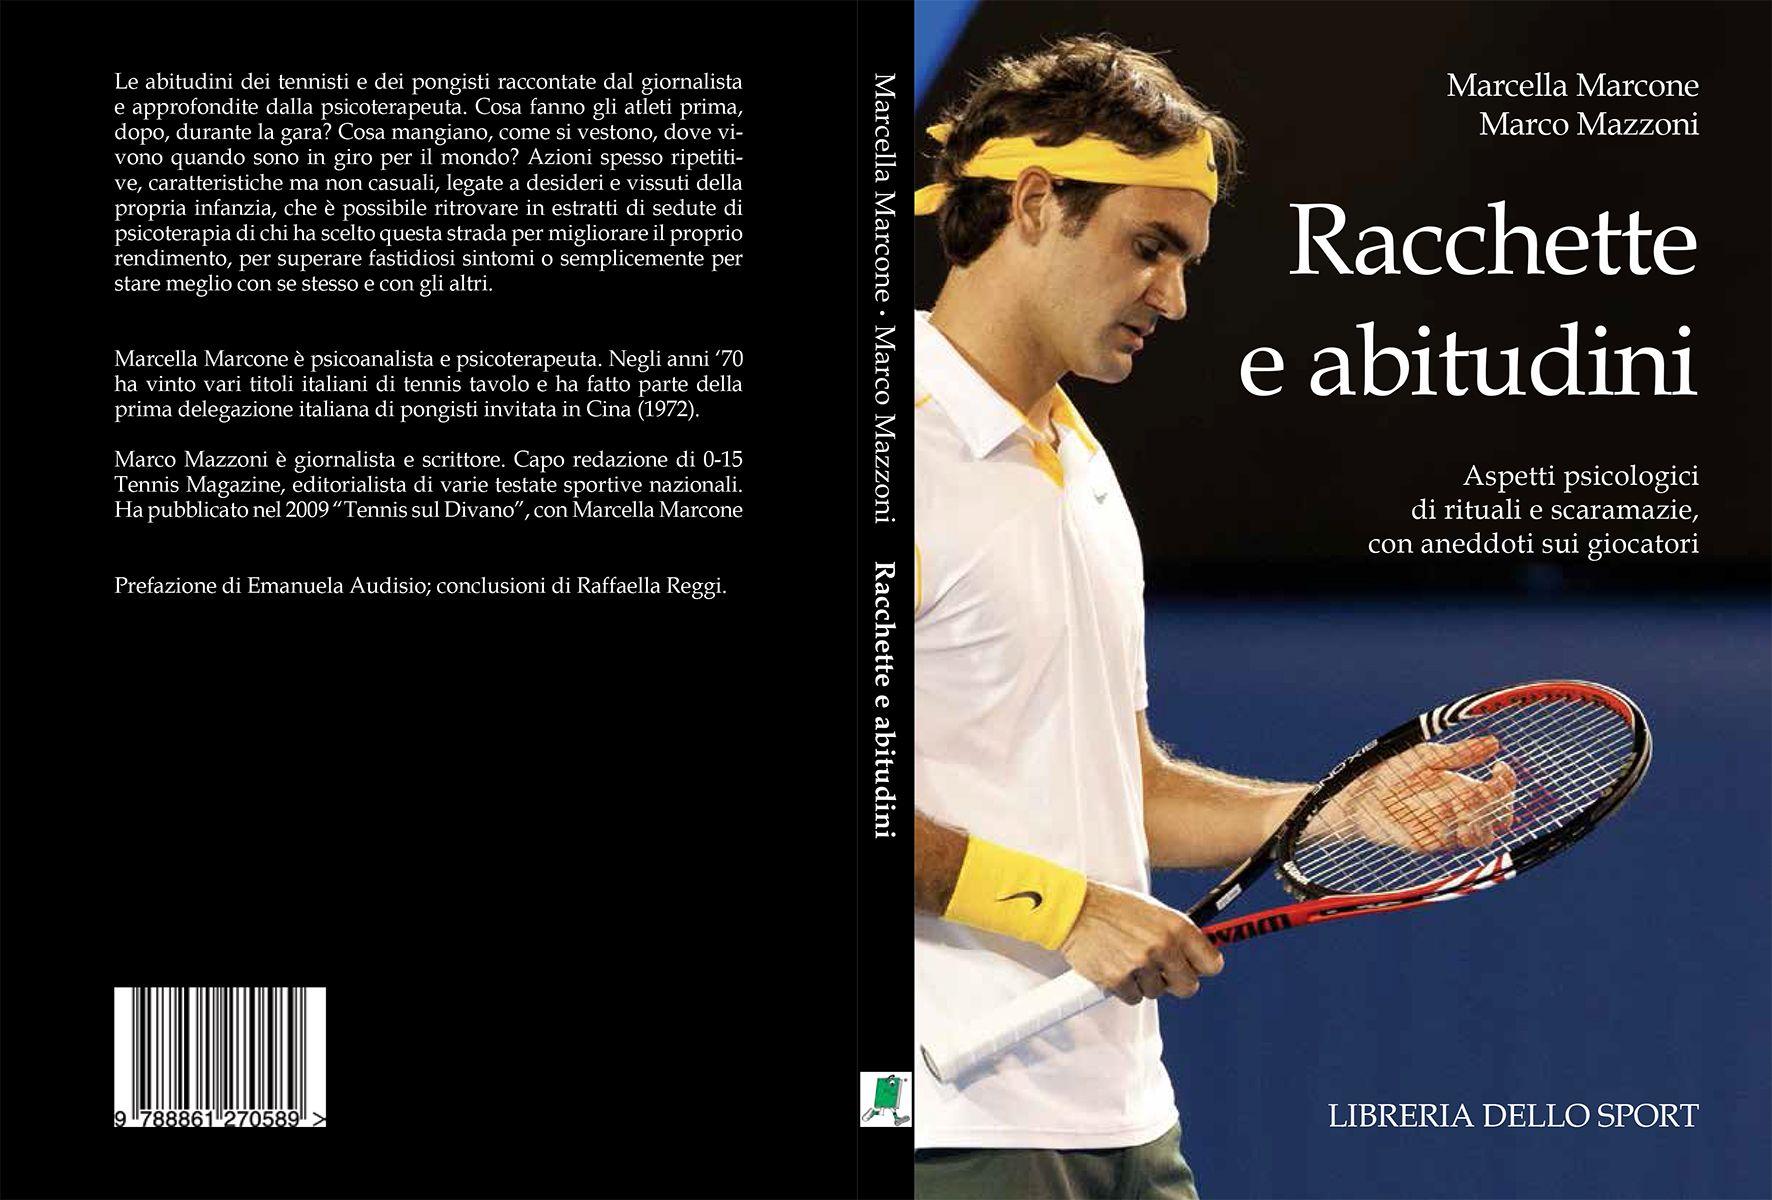 """Presentazione del libro """"Racchette e abitudini"""" di Marcella Marcone e Marco Mazzoni"""" (Ed. Libreria dello sport"""